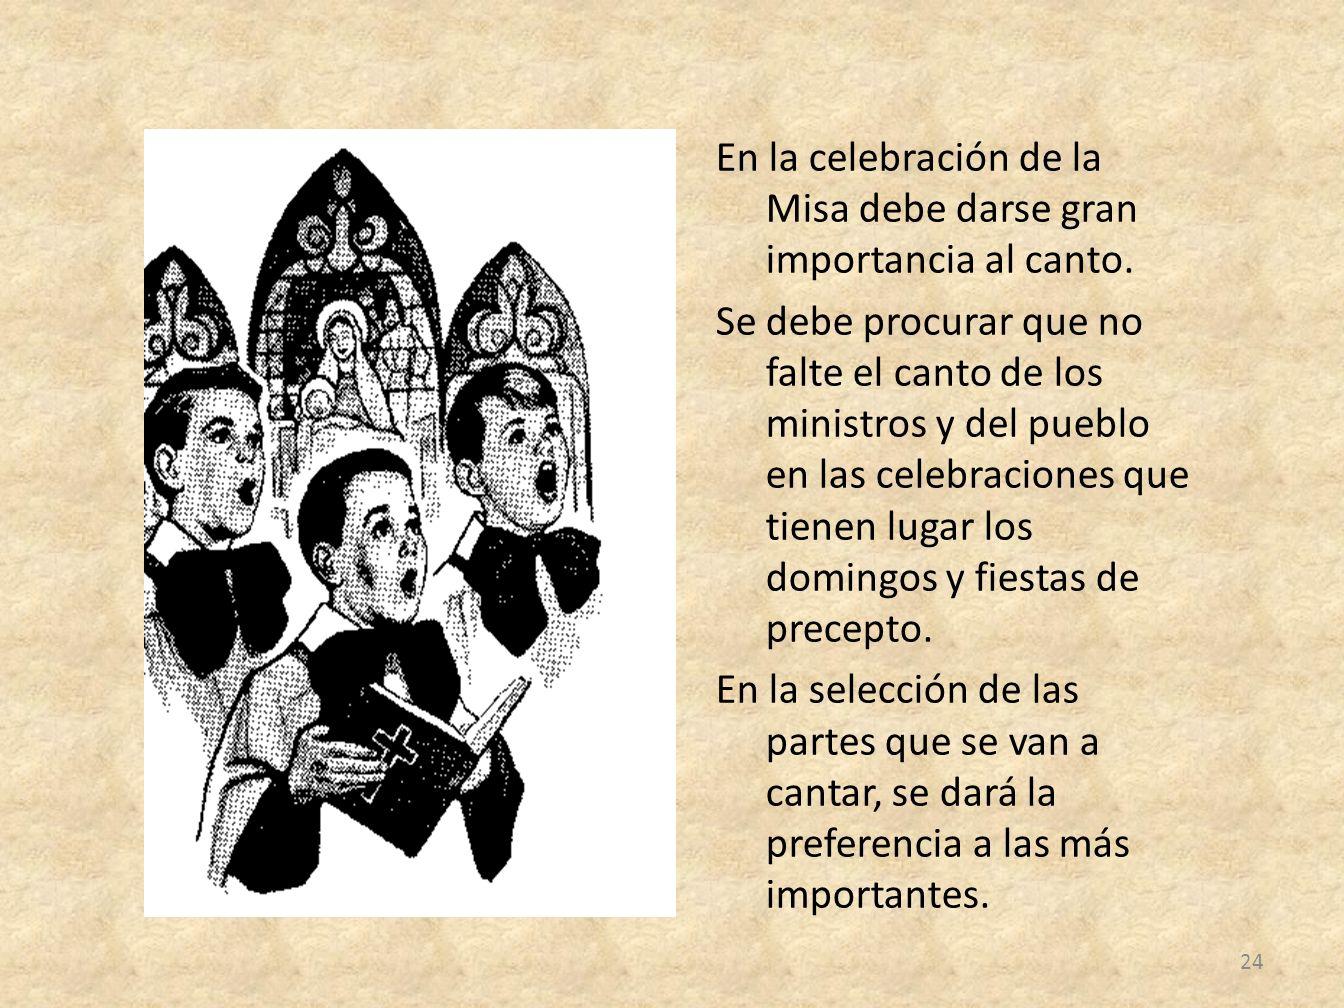 En la celebración de la Misa debe darse gran importancia al canto.